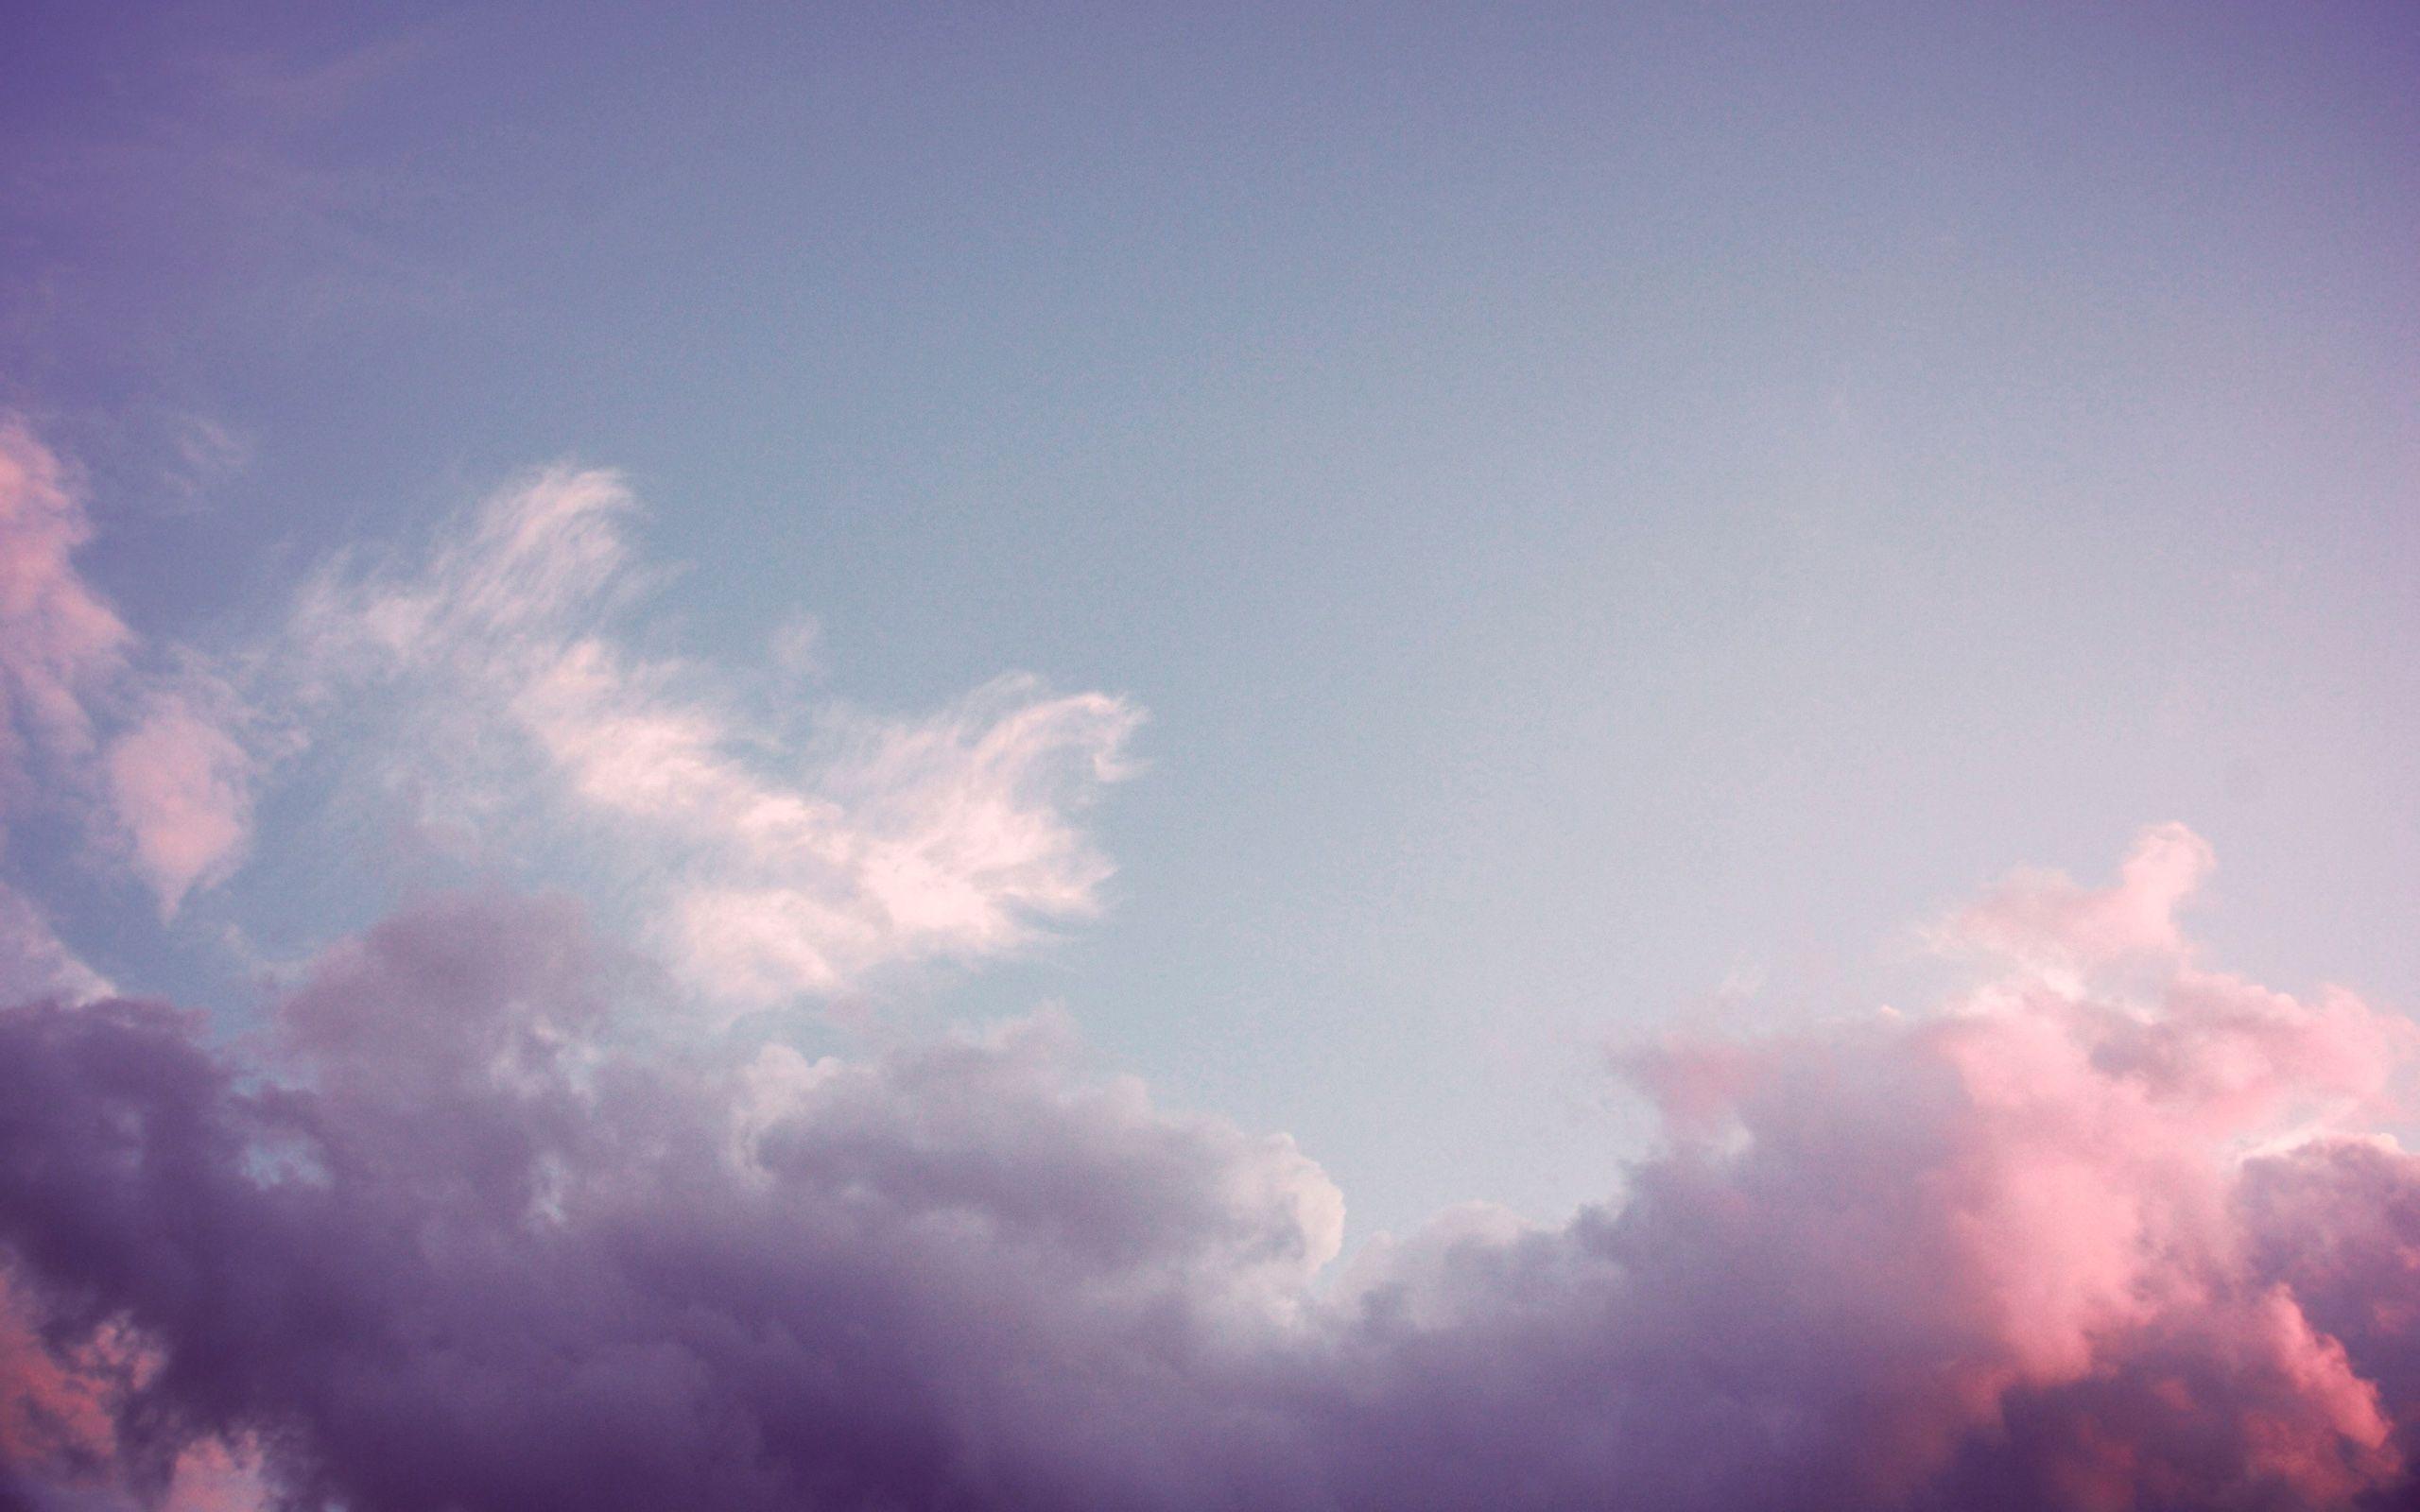 Image Result For Aesthetic Sky 2560x1440 Imagem De Fundo De Computador Figura Fundo Papel De Parede Paisagens